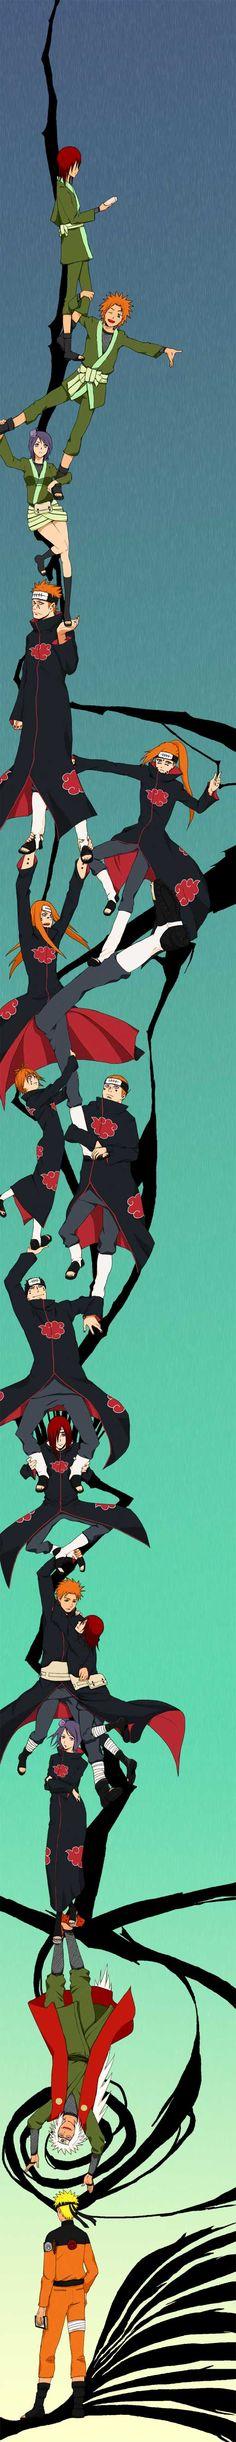 Amegakure Orphans and Jiraiya sensei (helped Naruto shadow version)